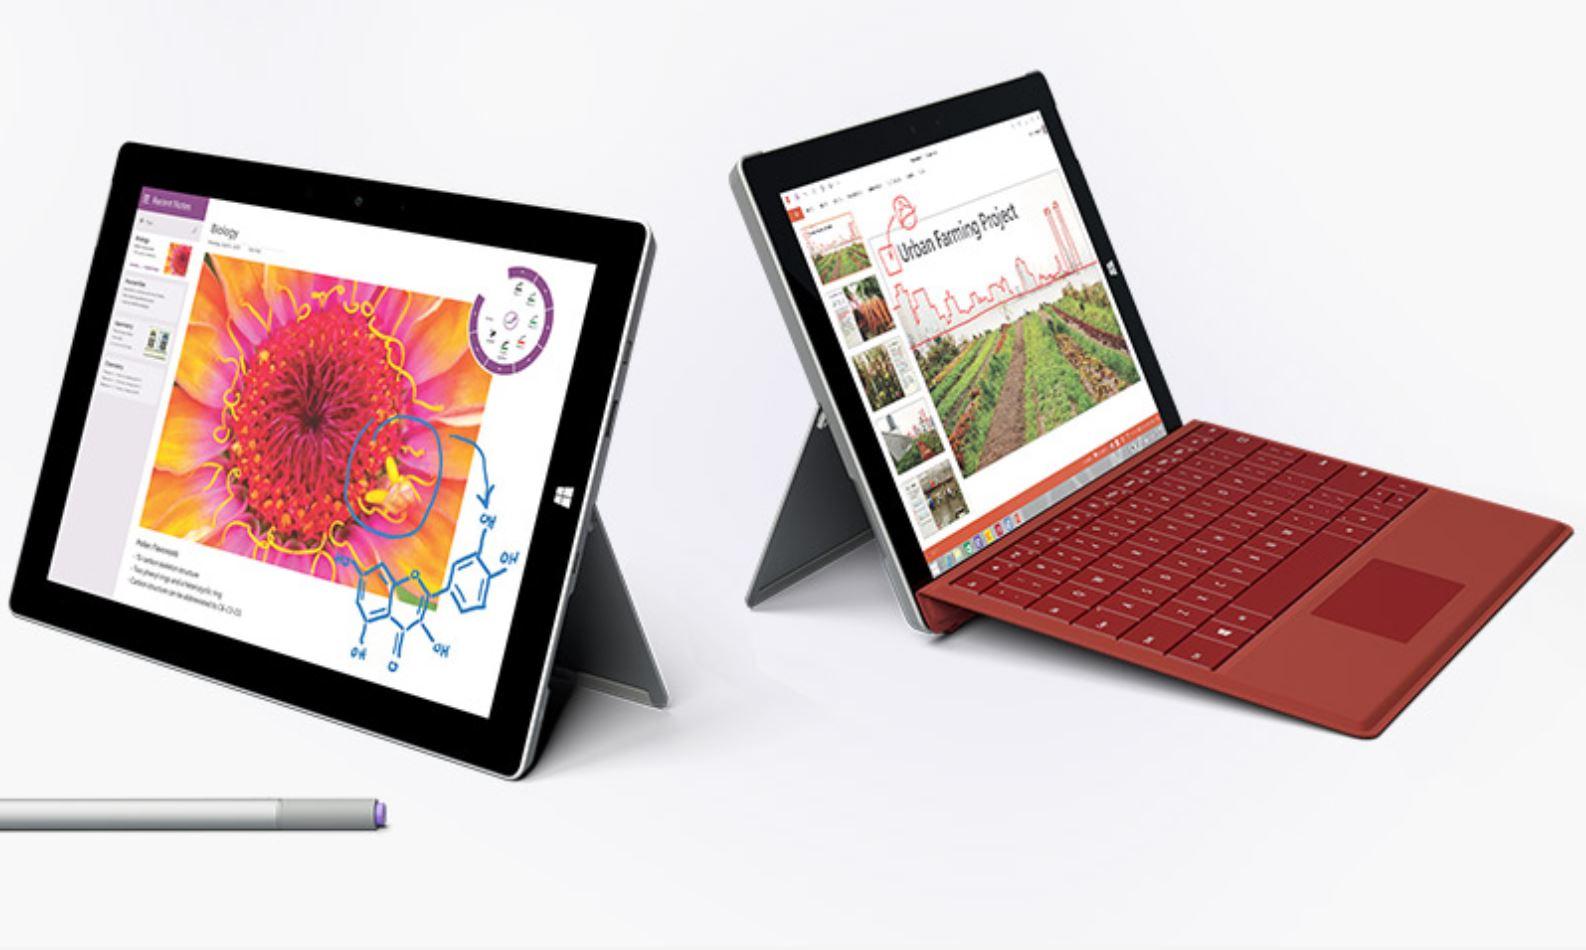 Test Microsoft Surface 3 4G 128Go - Un excellent compagnon en mobilité avec Orange Business